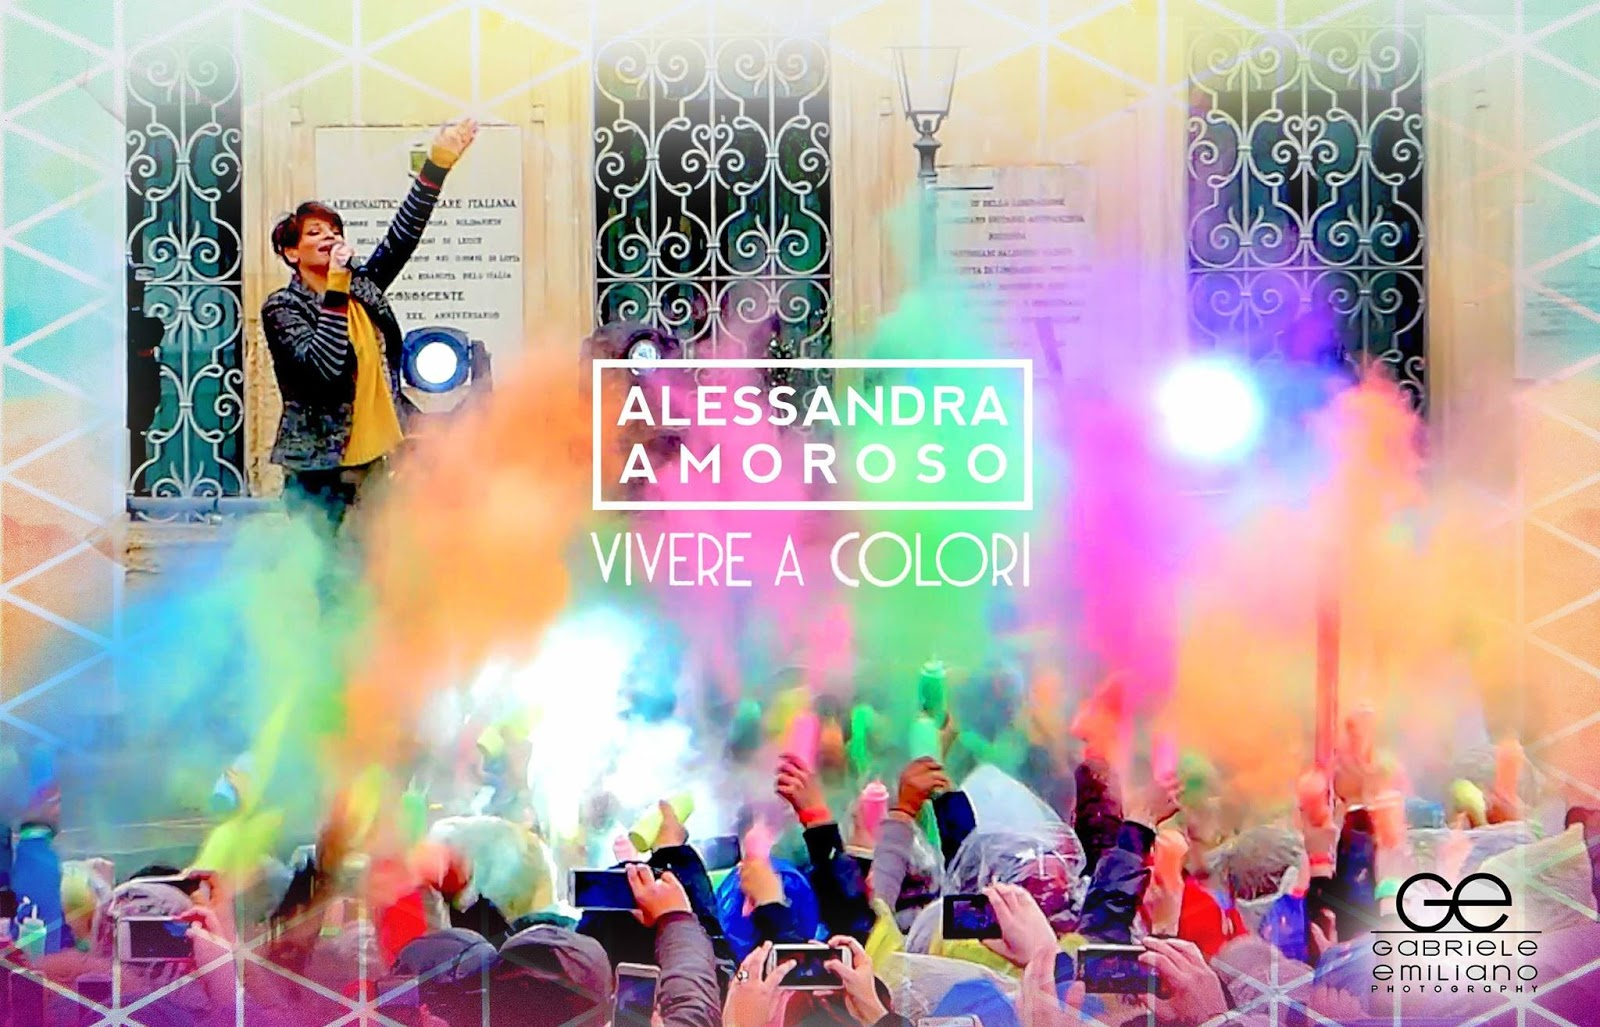 Mi porti via da me - Alessandra Amoroso: testo, video e traduzione